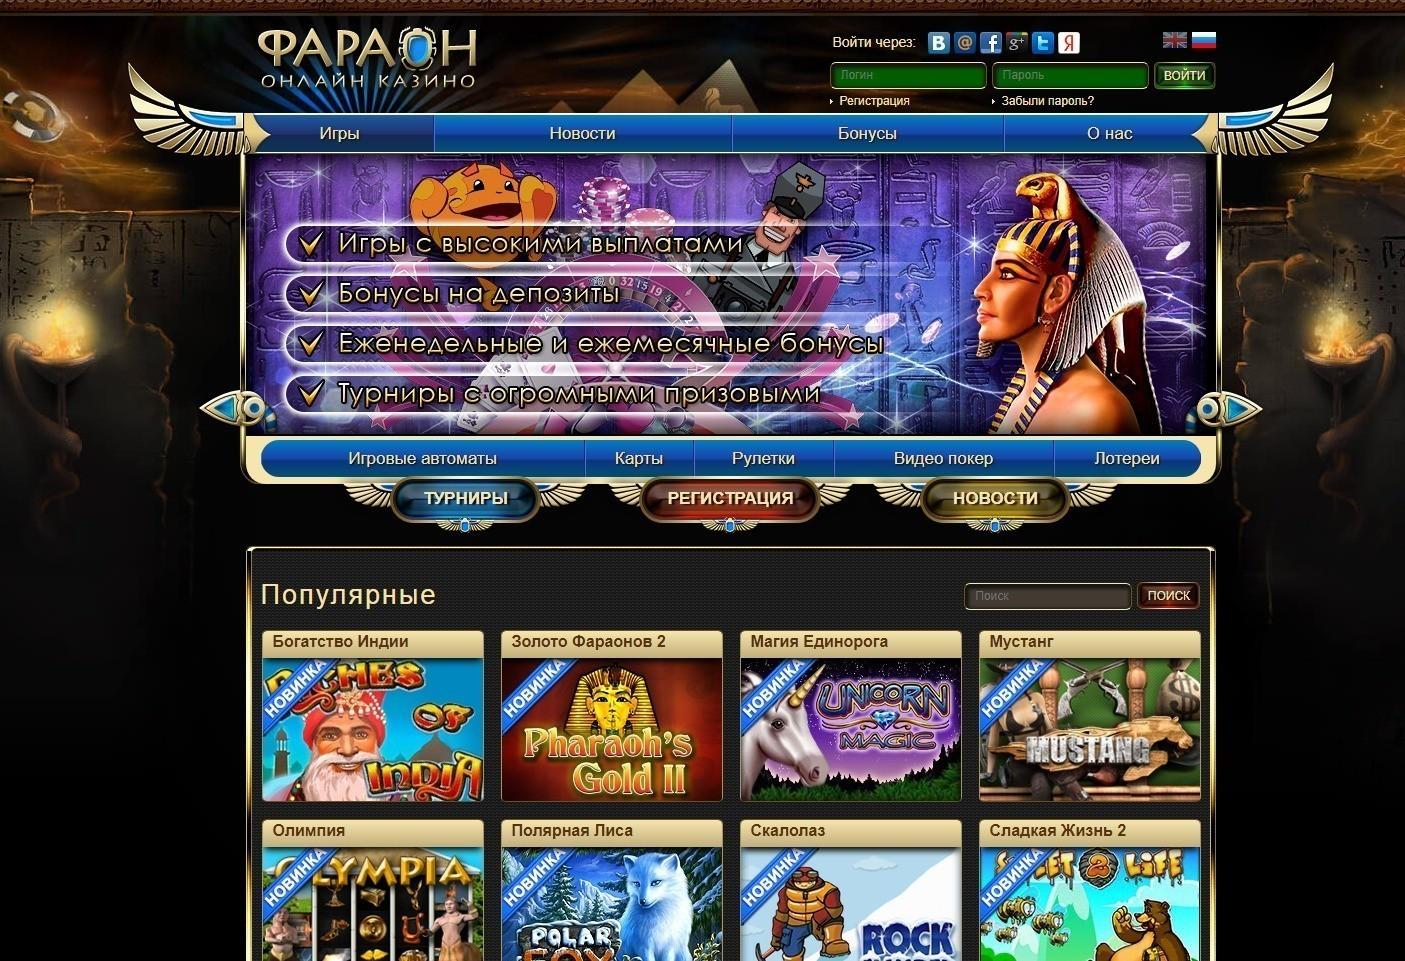 плей фараон казино официальный сайт